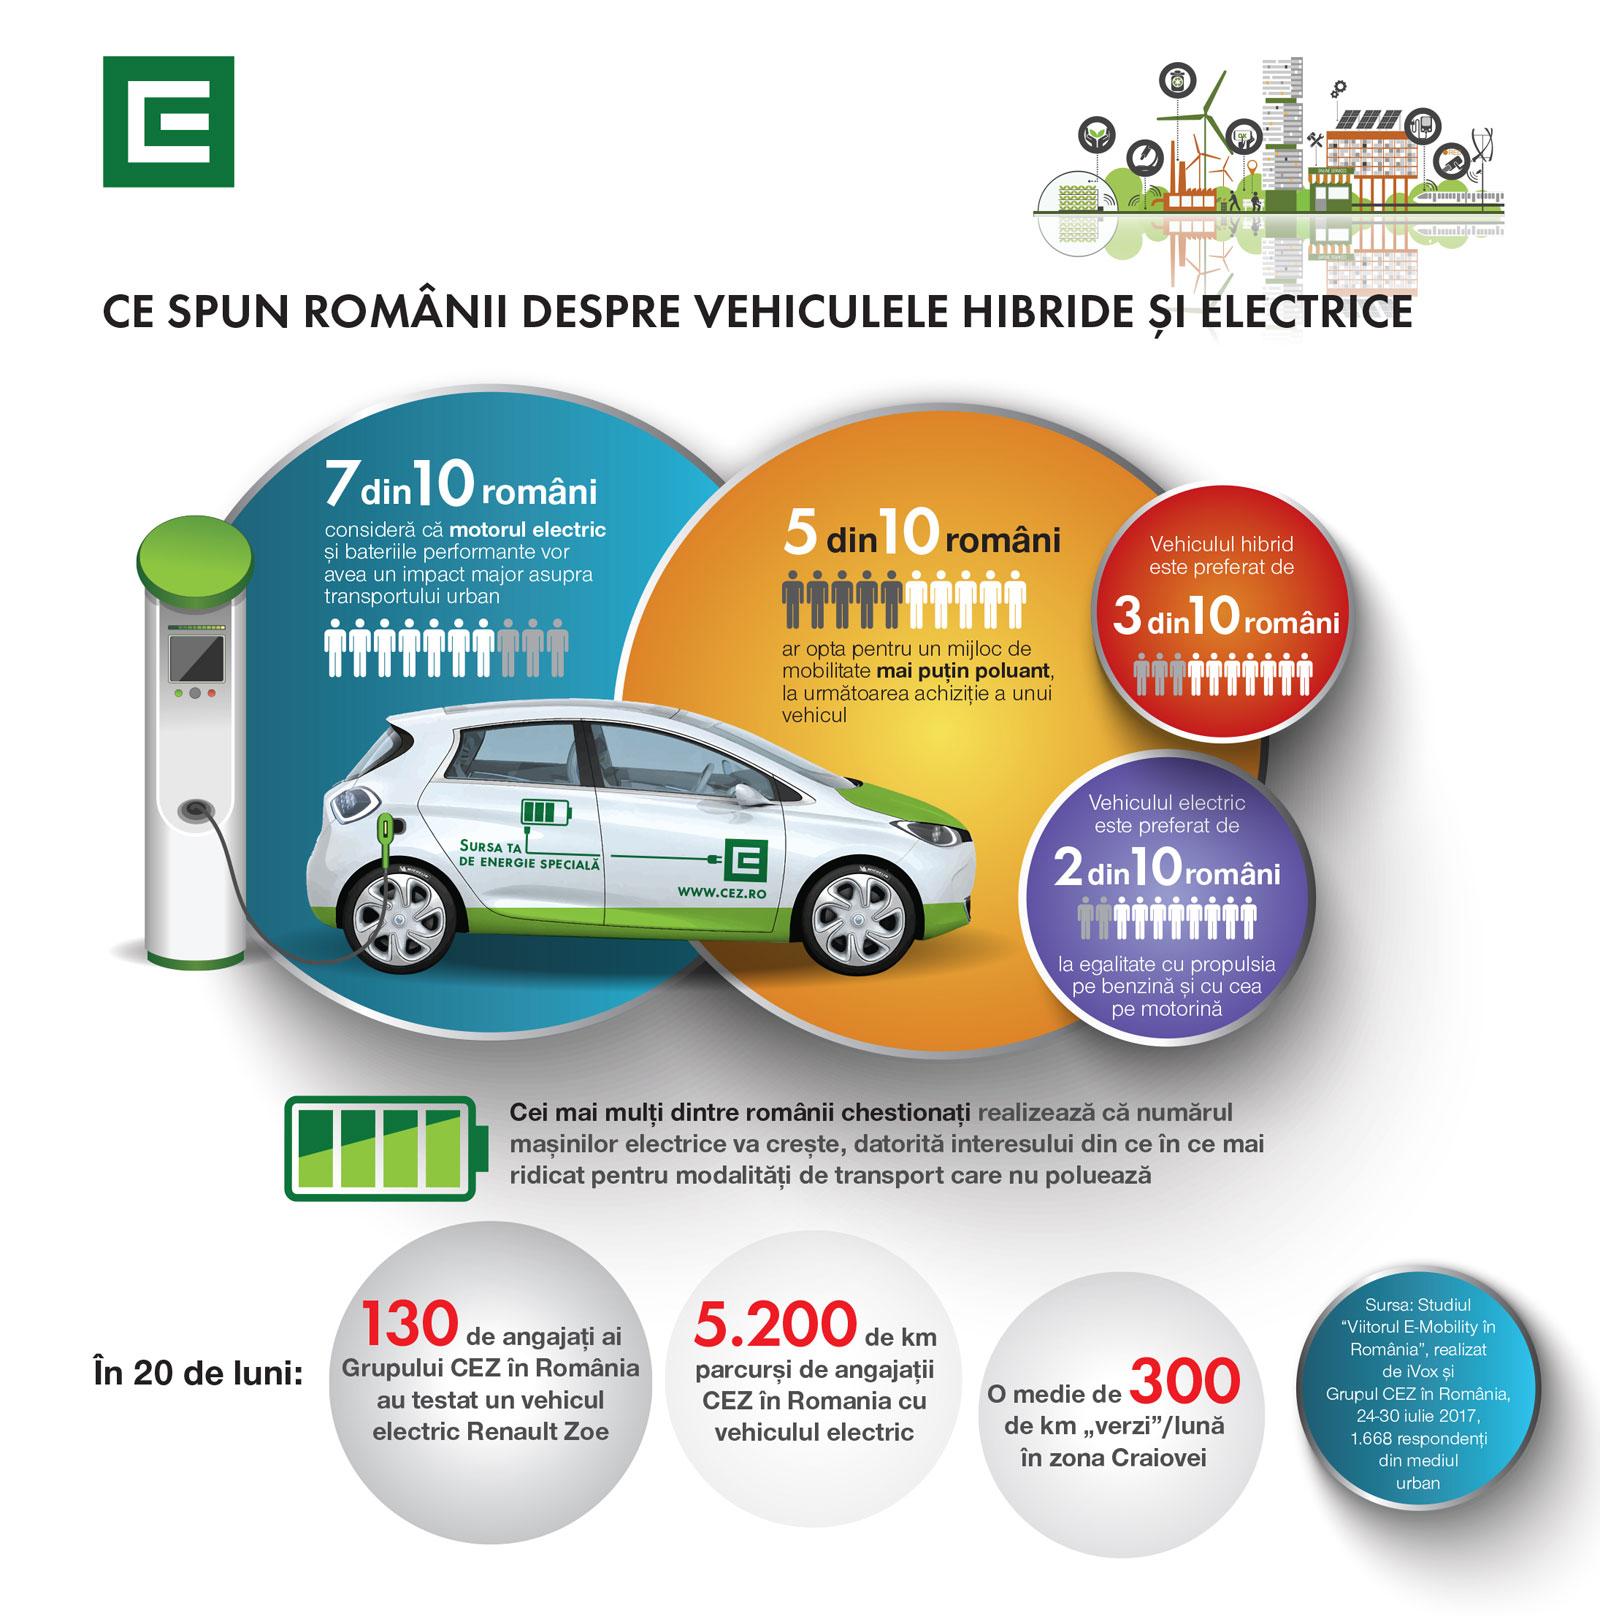 studiu-masini-electrice-hibride-stiinta-tehnica-1